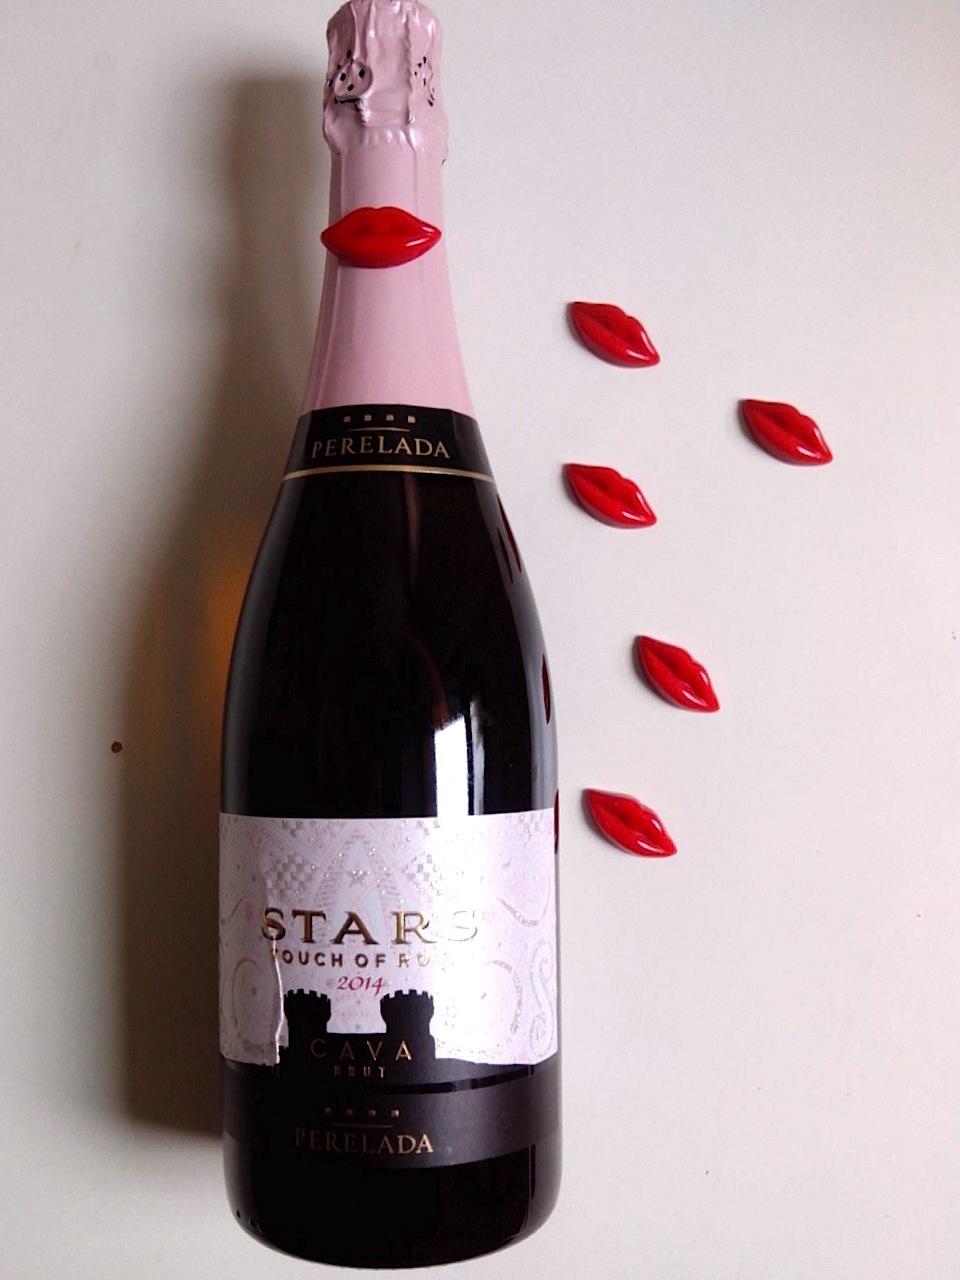 Cava Star, Touch of Rosé (bodega Perelada) /Foto: Los Foodistas